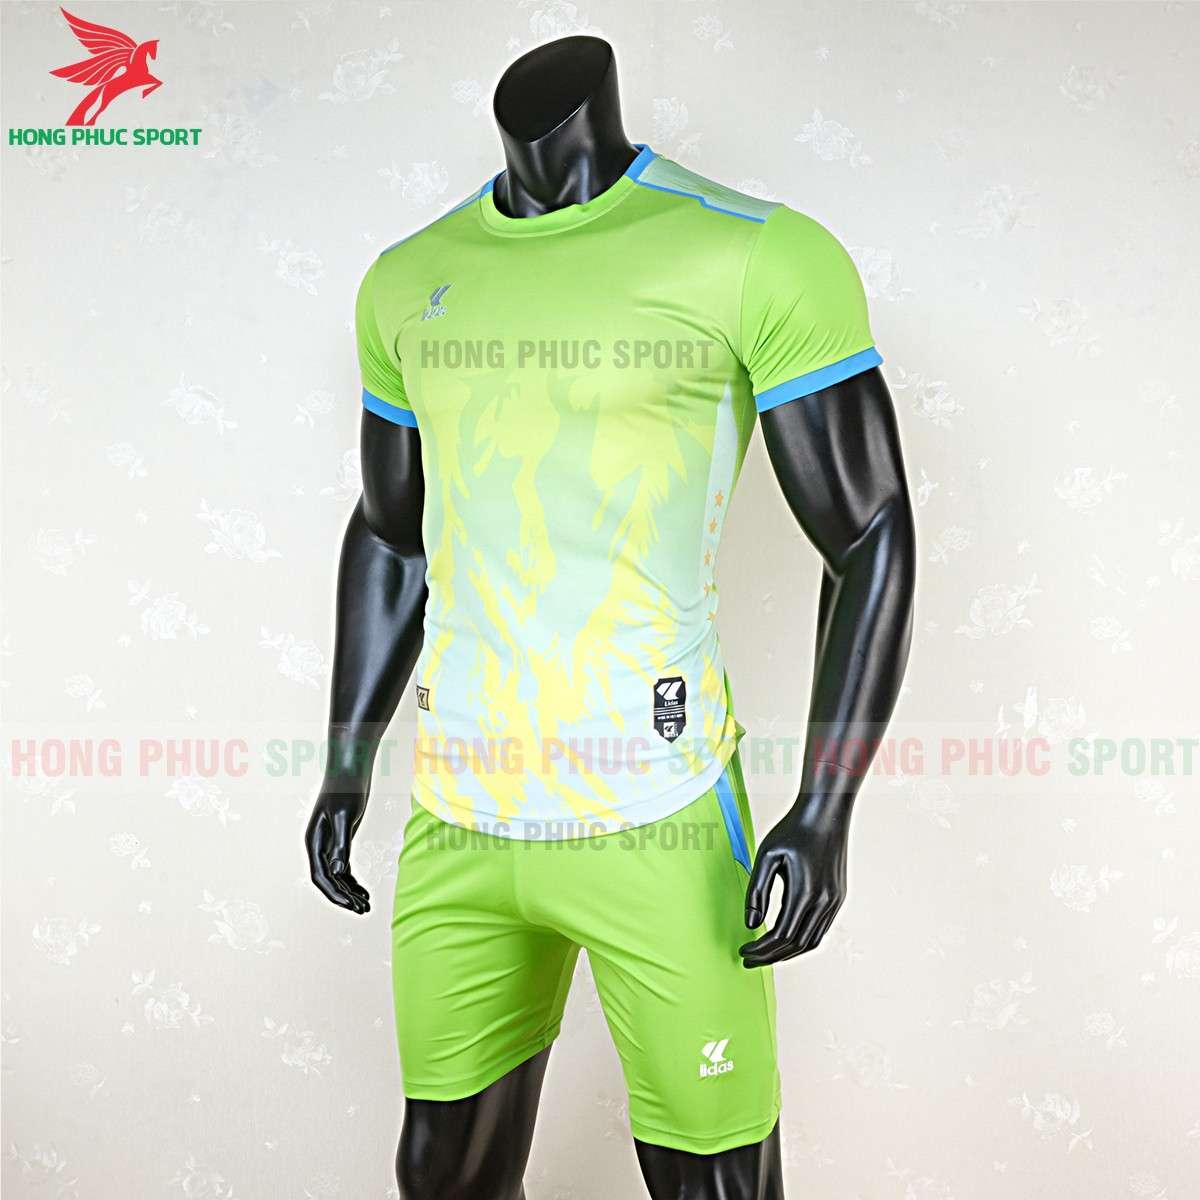 Mẫu áo đá bóng không logo Lidas 089 màu xanh nõn chuối